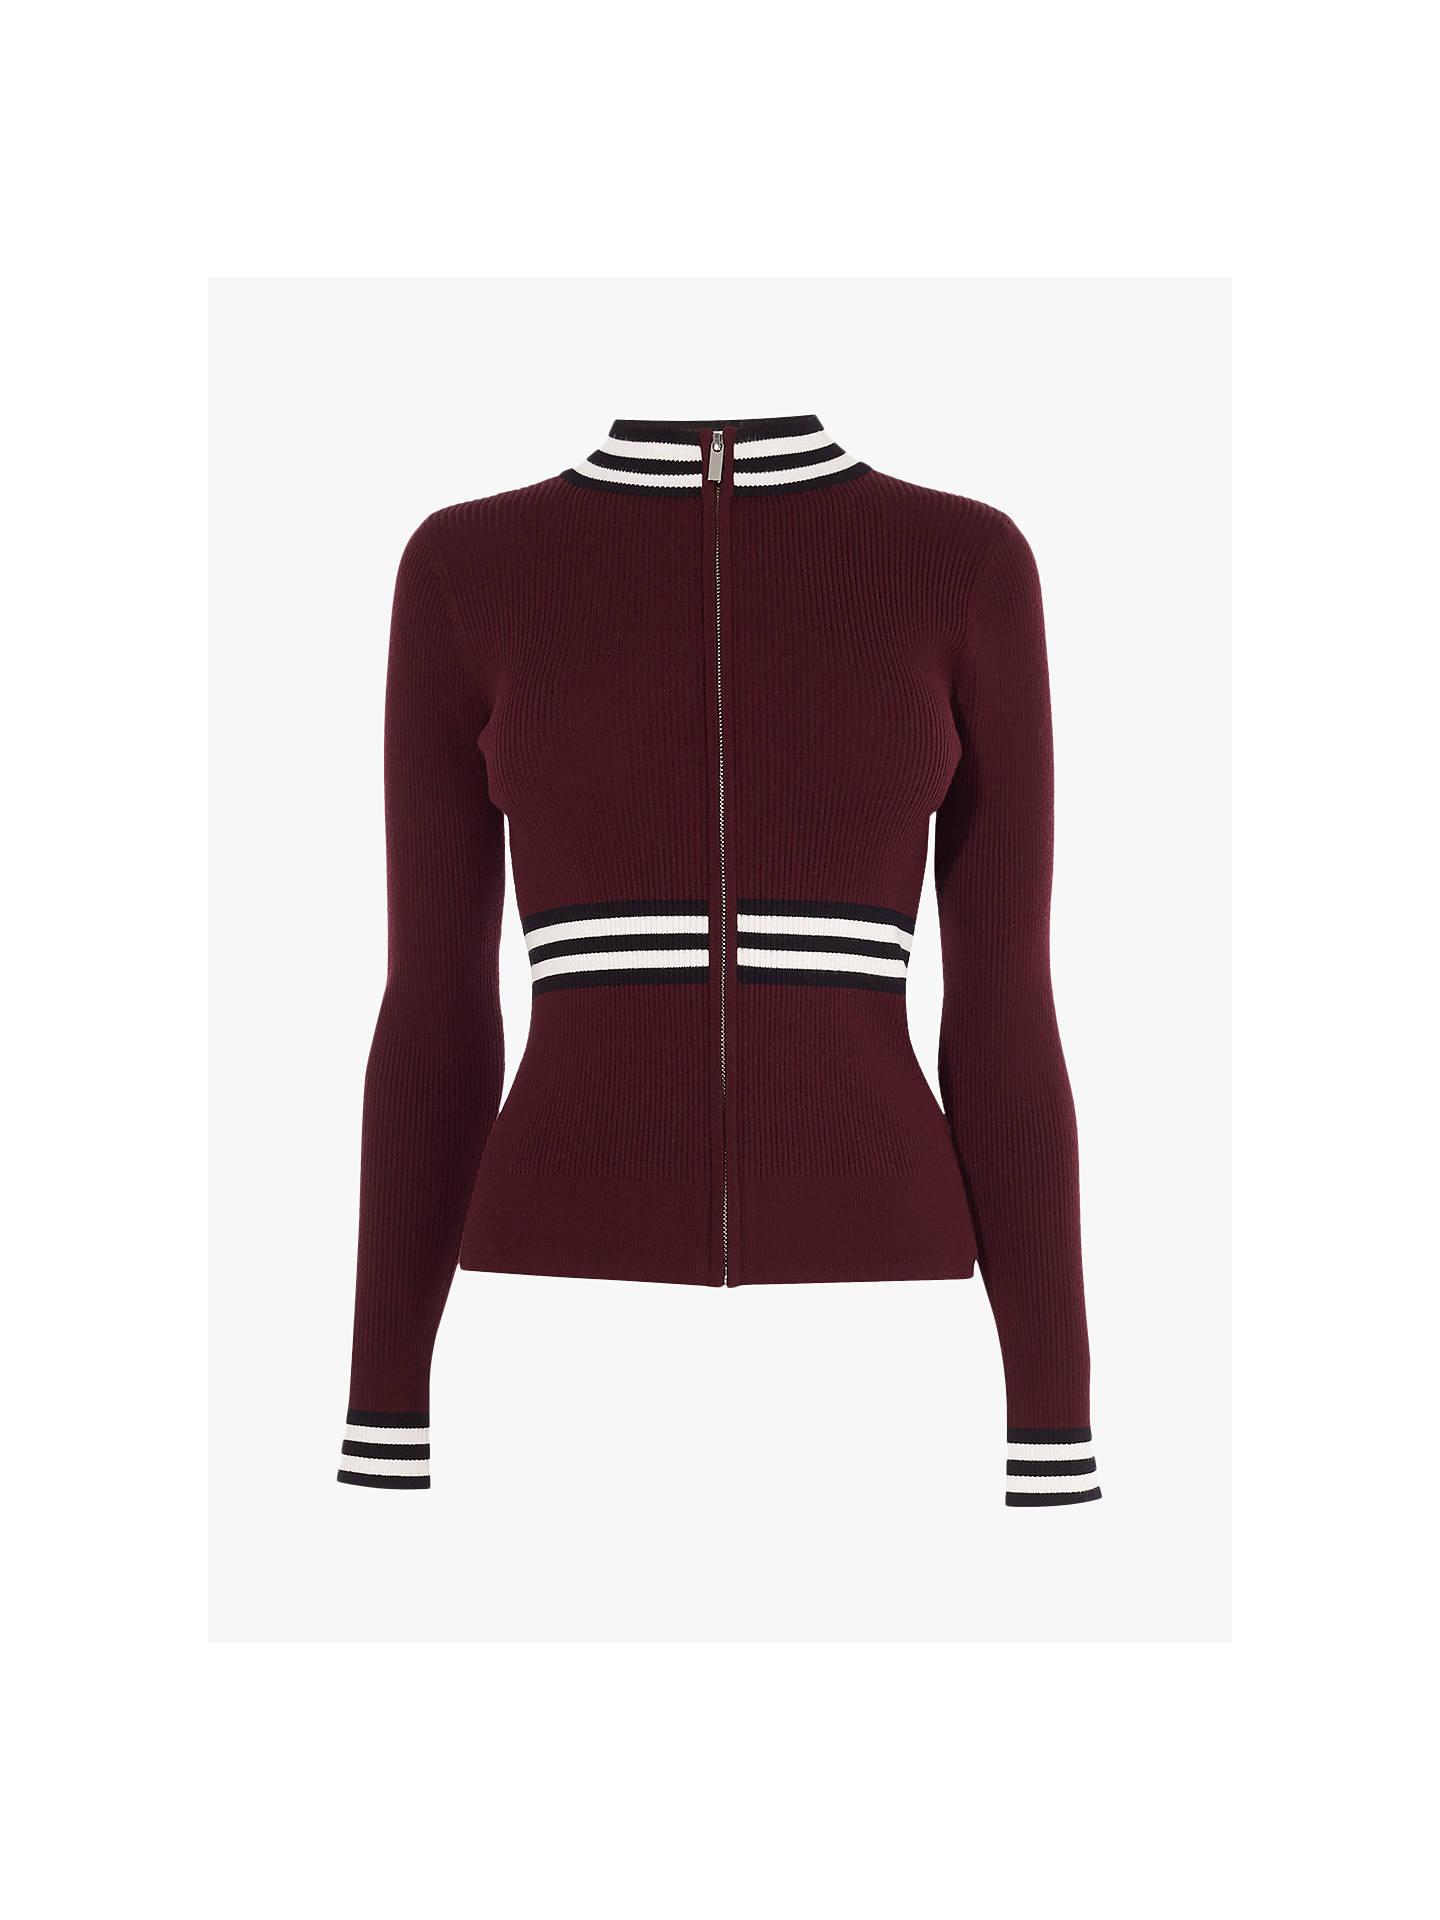 ce022dea7230f0 Buy Karen Millen Sports Stripe Zip Front Cardigan, Burgundy, XS Online at  johnlewis.